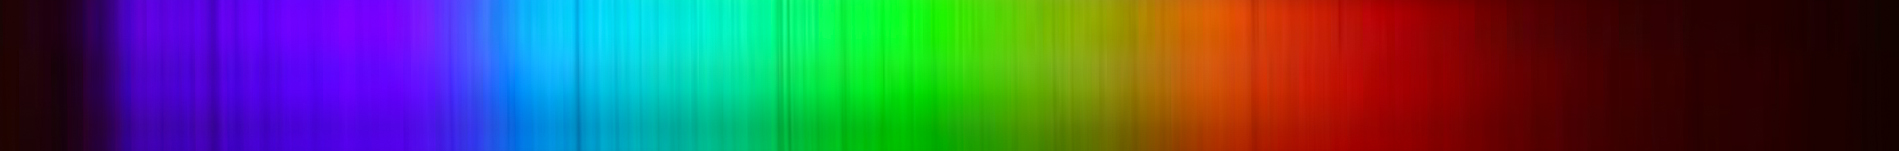 Sonne_VSS_iso100_250µs_2900_stretch.jpg